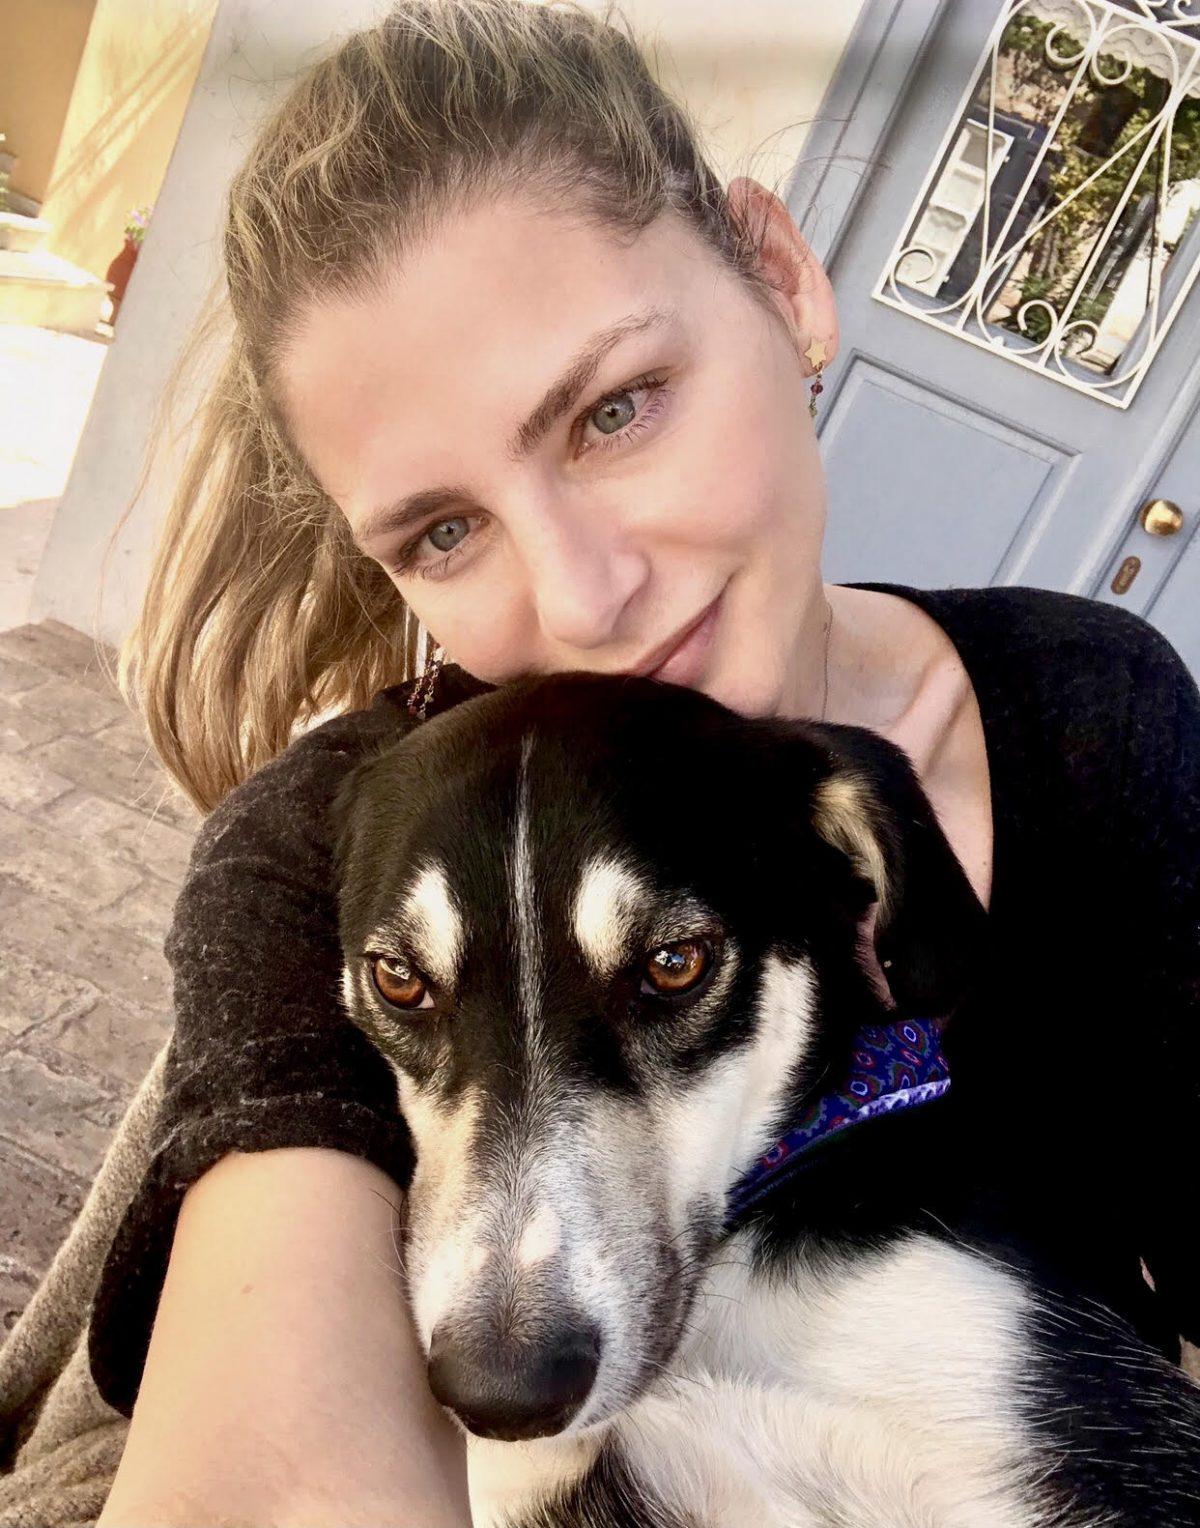 """Η Ζέτα Γκέκα μιλά στο Ιnfokids.gr για τα βιβλία της """"Λουλού, το ταξιδιάρικο σκυλάκι"""" και τη σημασία της φιλοζωίας"""